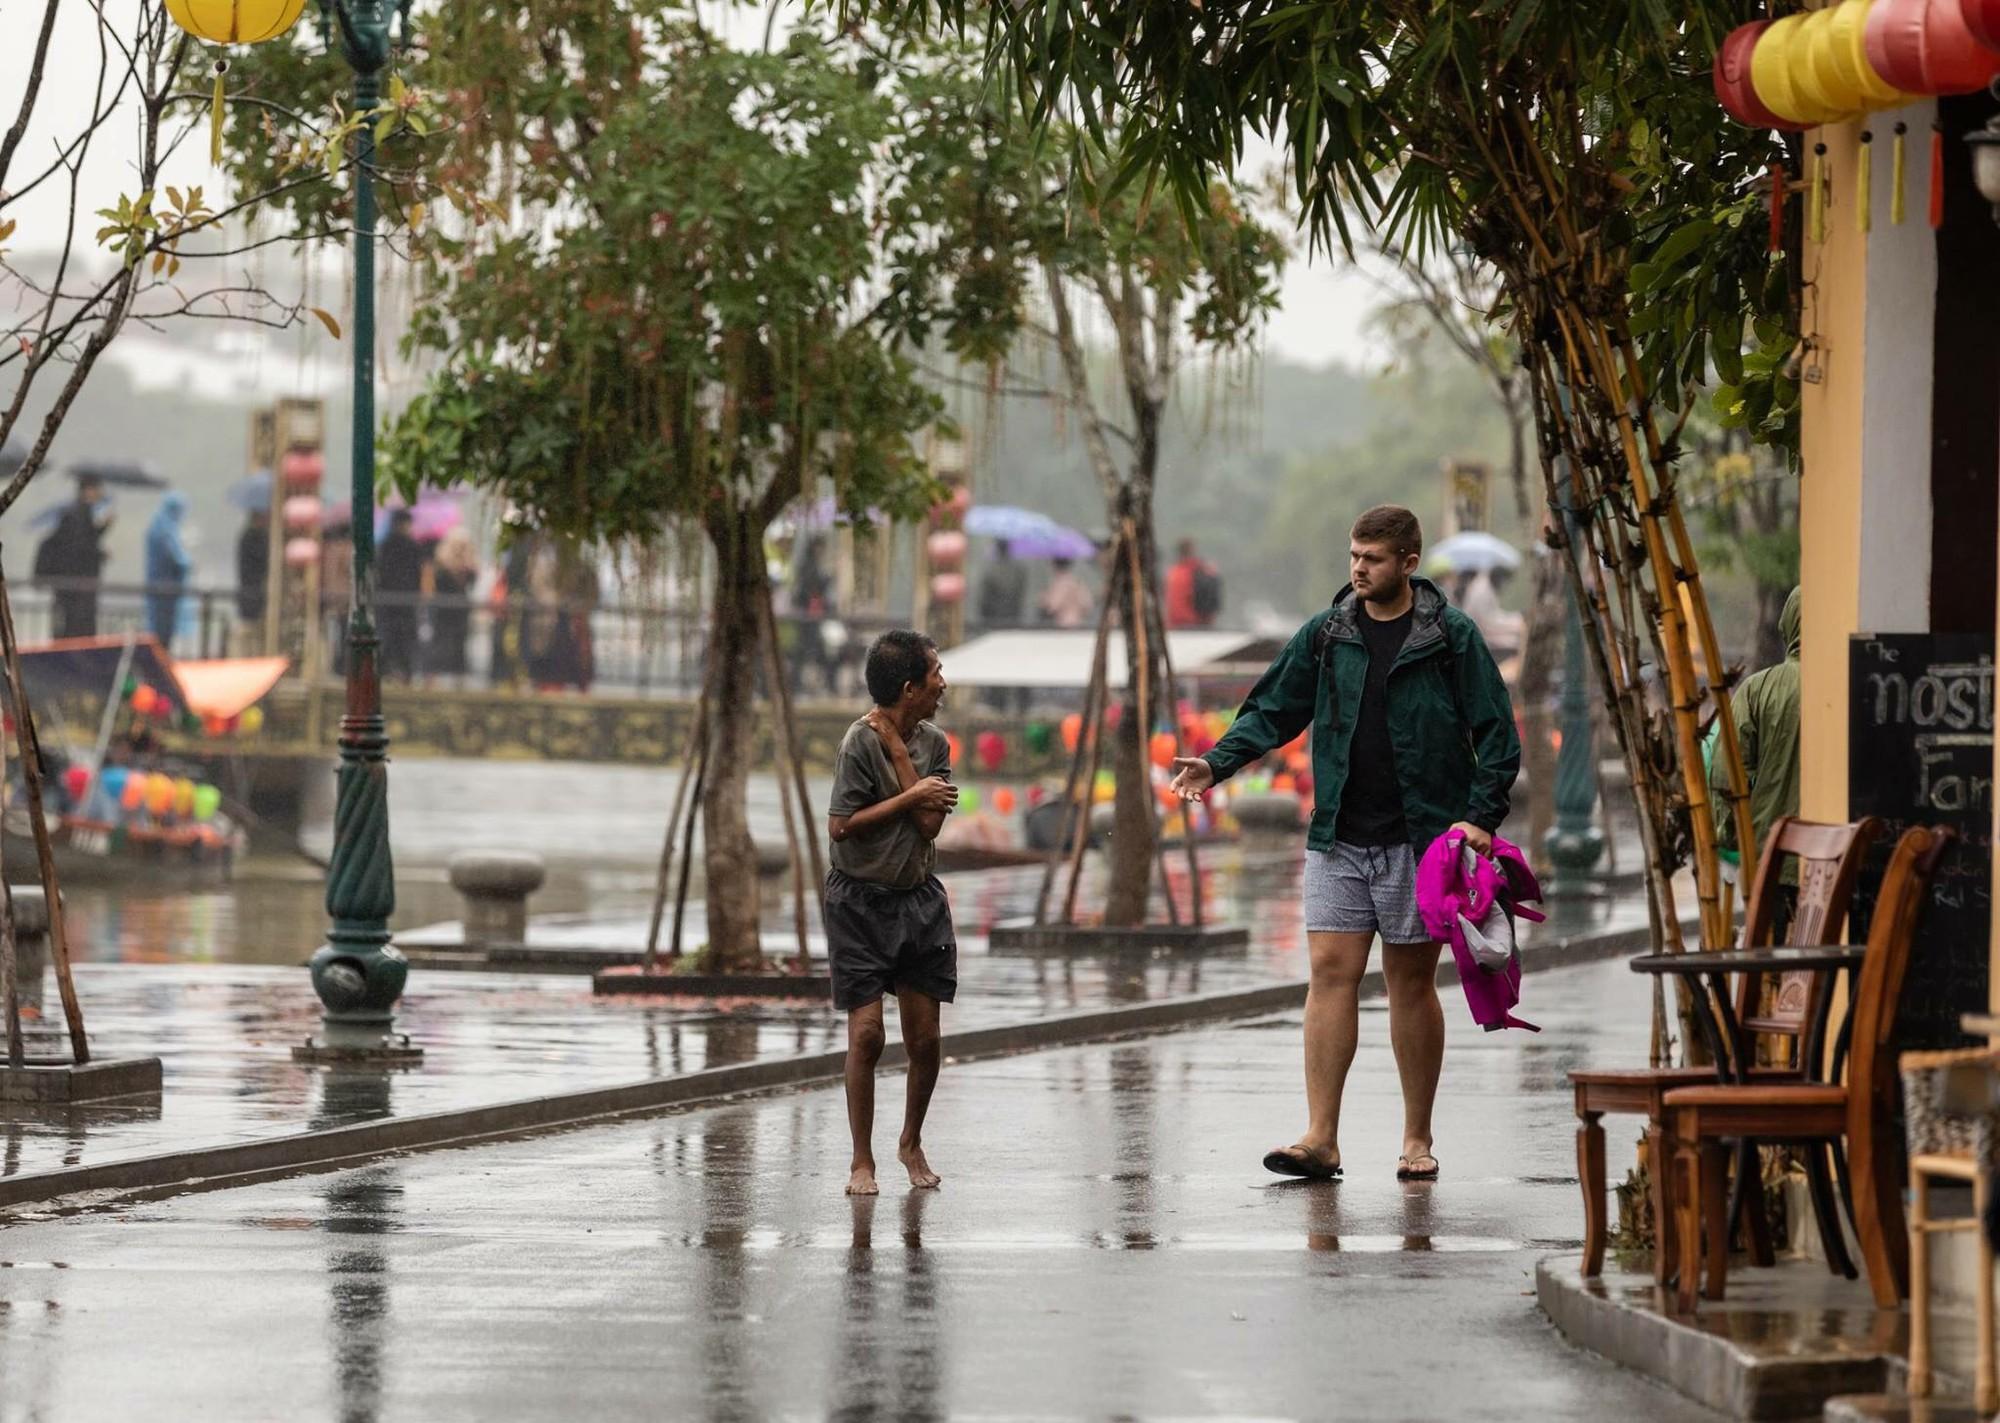 Thấy người đàn ông Việt co ro giữa mưa lạnh, chàng trai ngoại quốc đuổi